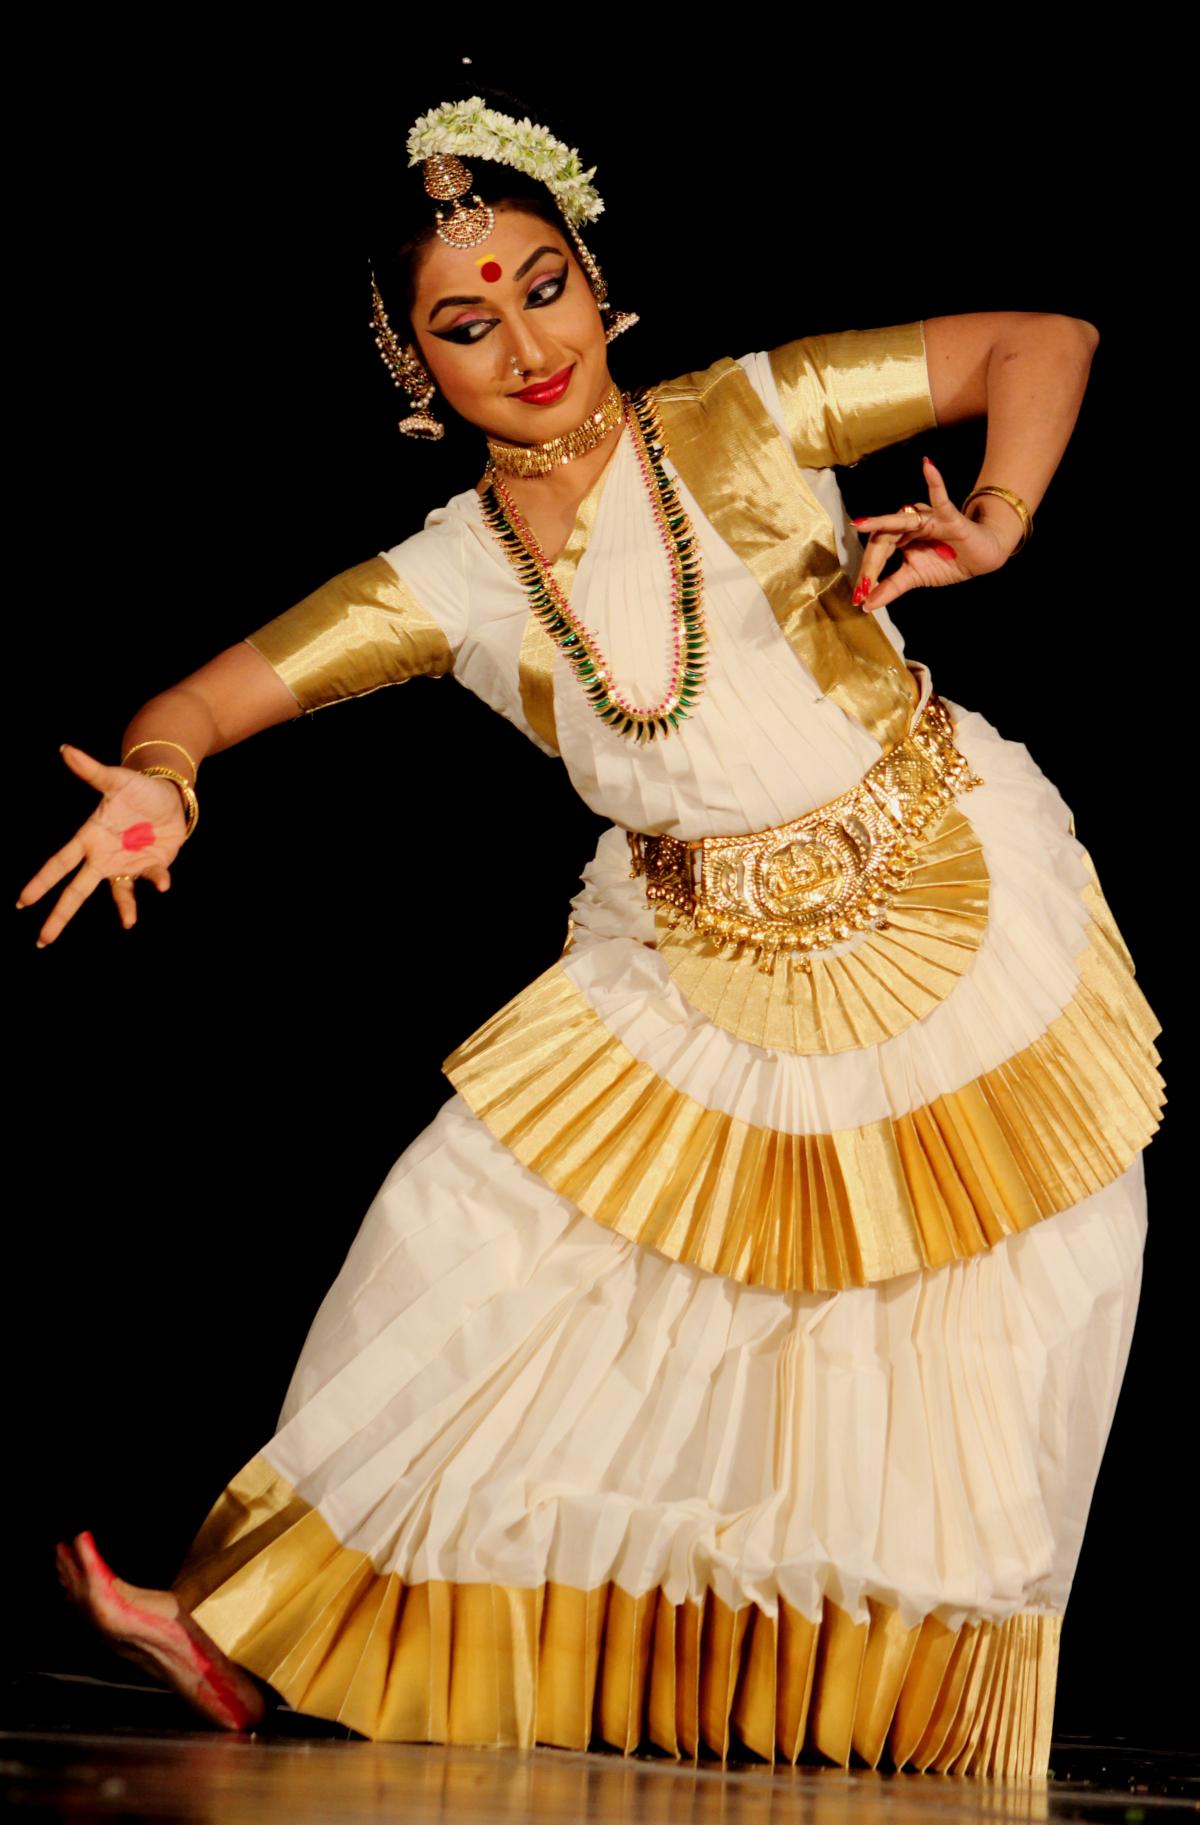 Spectacole de muzică clasică și dans clasic prezentate de artiști din India